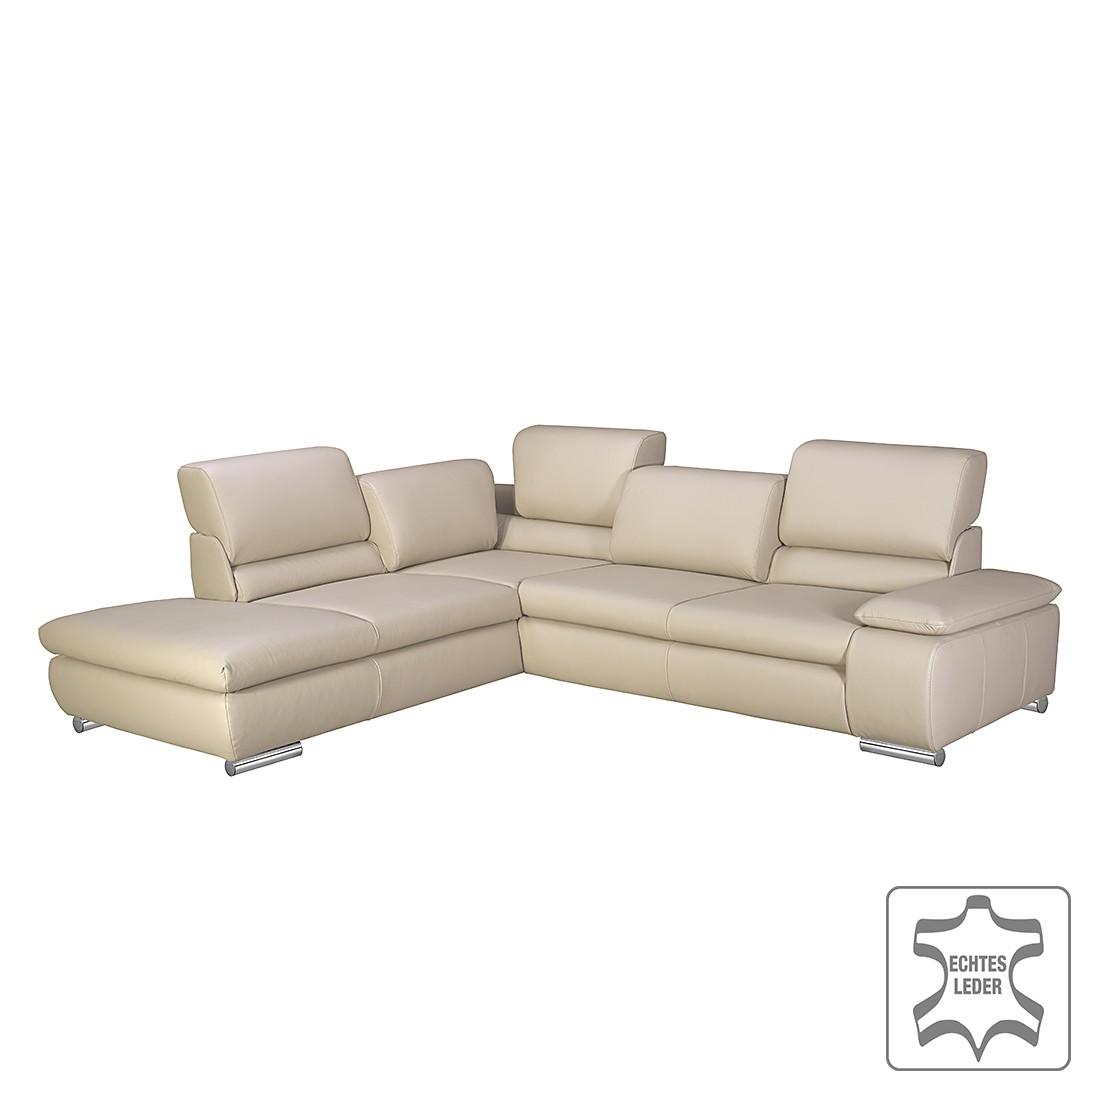 ecksofa masca echtleder beige ottomane davorstehend links ohne schlaffunktion loftscape. Black Bedroom Furniture Sets. Home Design Ideas